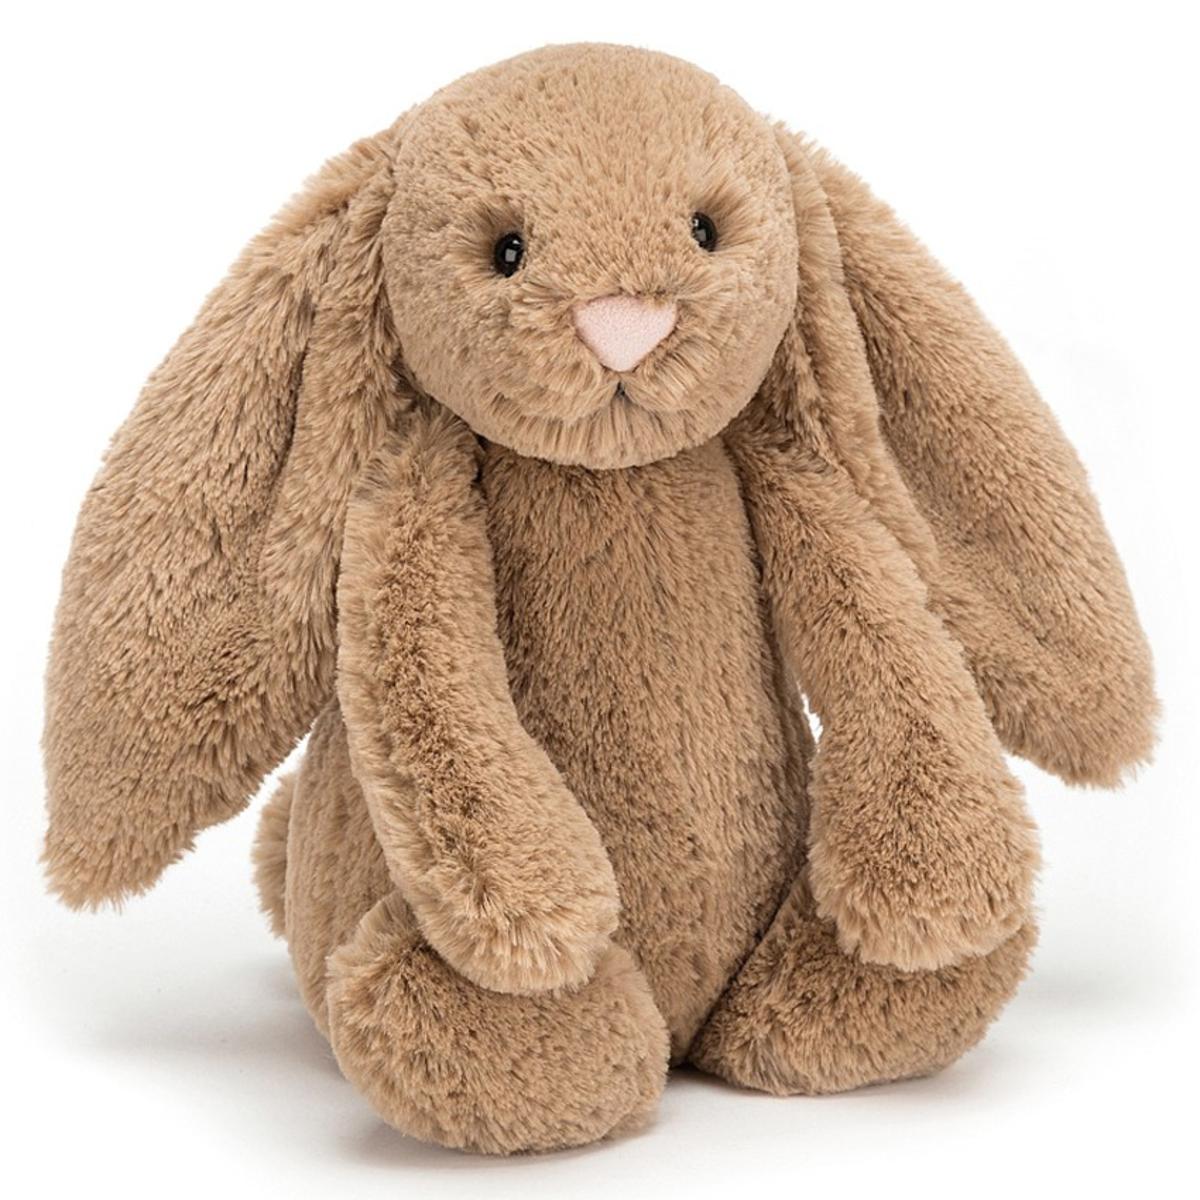 Peluche Bashful Biscuit Bunny - Medium Bashful Biscuit Bunny - Medium